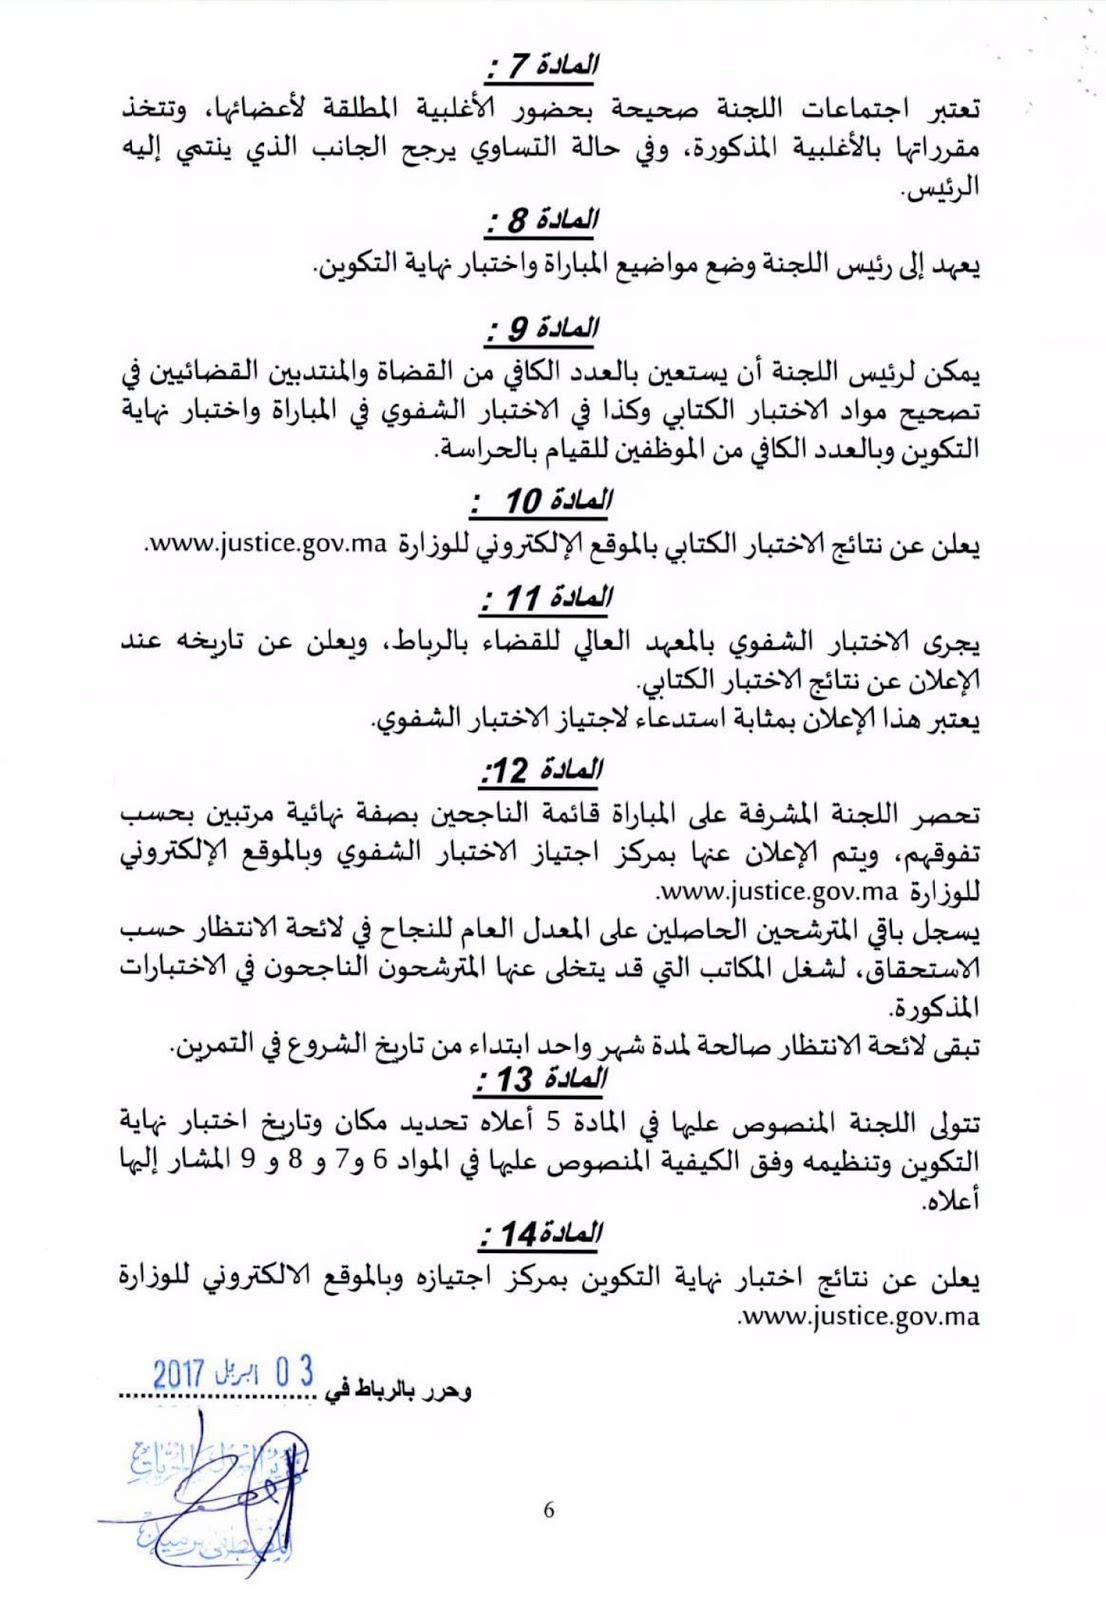 عاجل : الاعلان عن فتح مباراة المفوضين القضائيين برسم سنة 2017